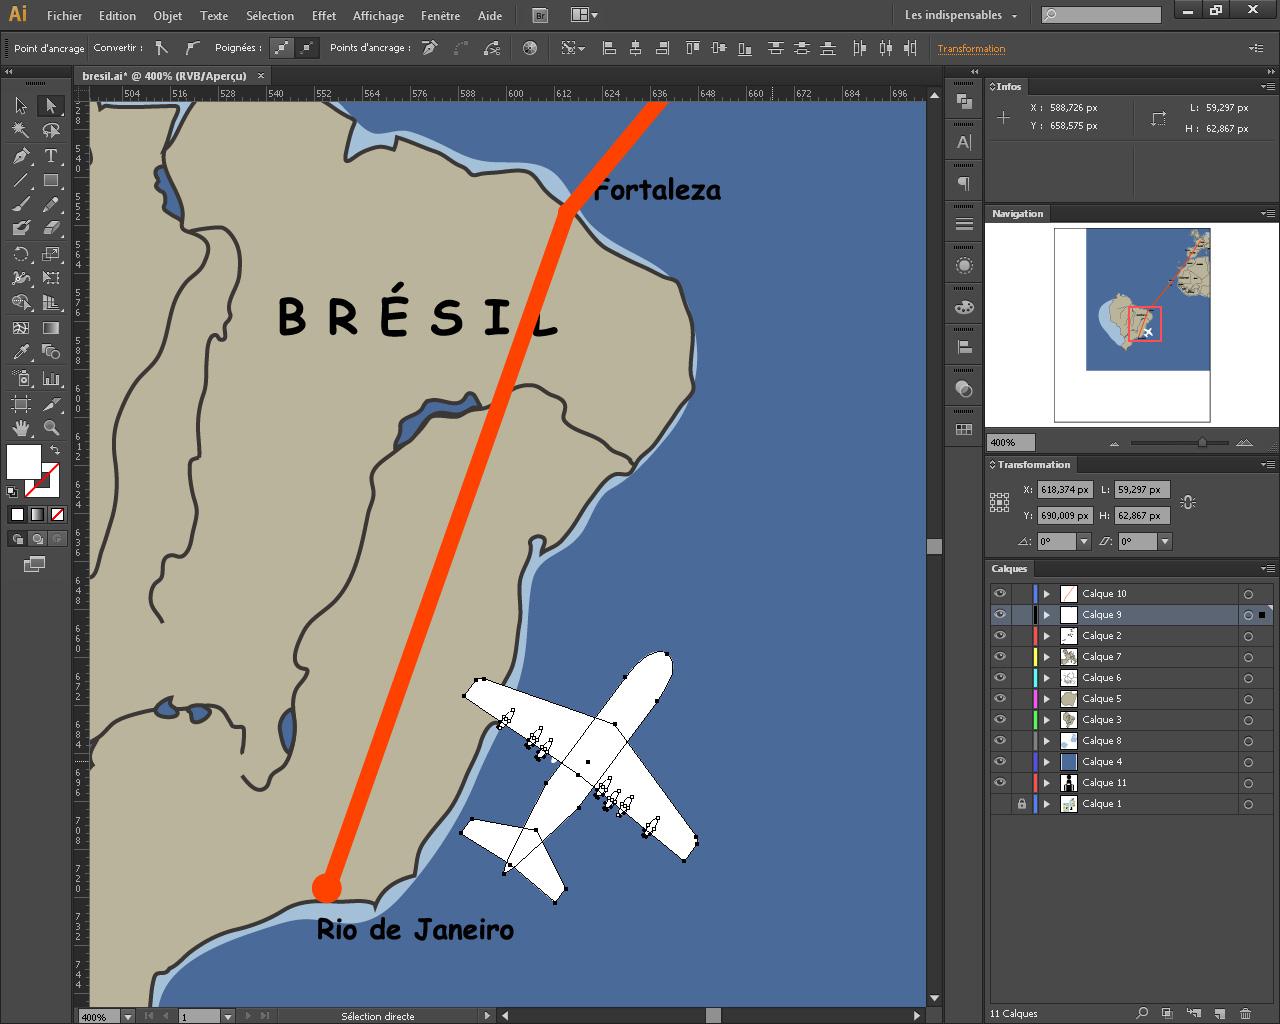 Création graphique de l'animation.